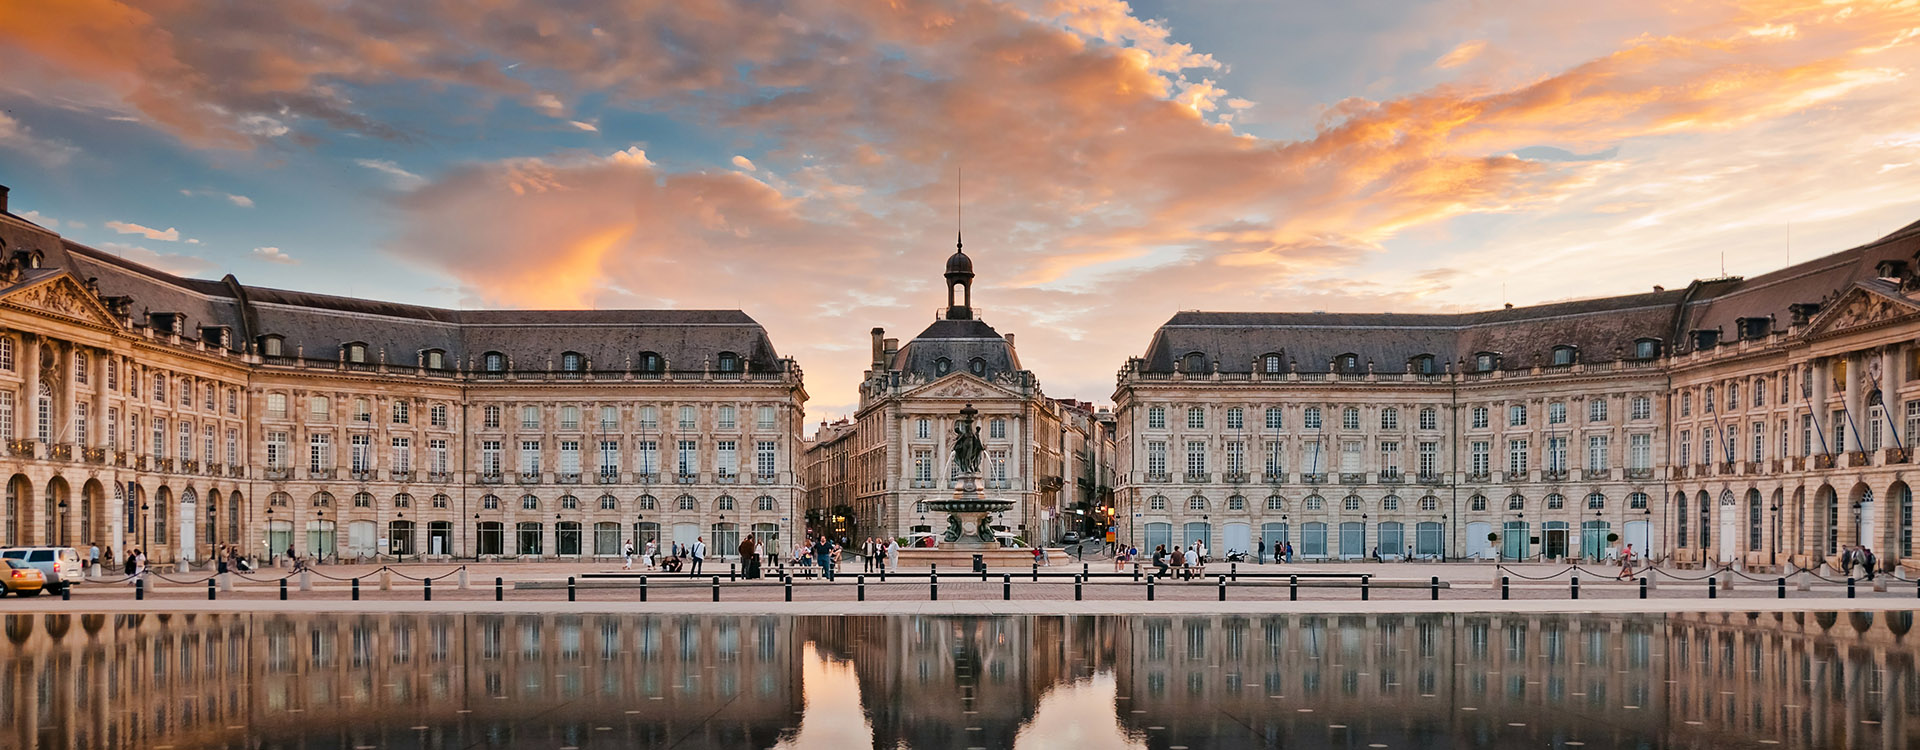 Place de la Bourse in Bordeaux, France